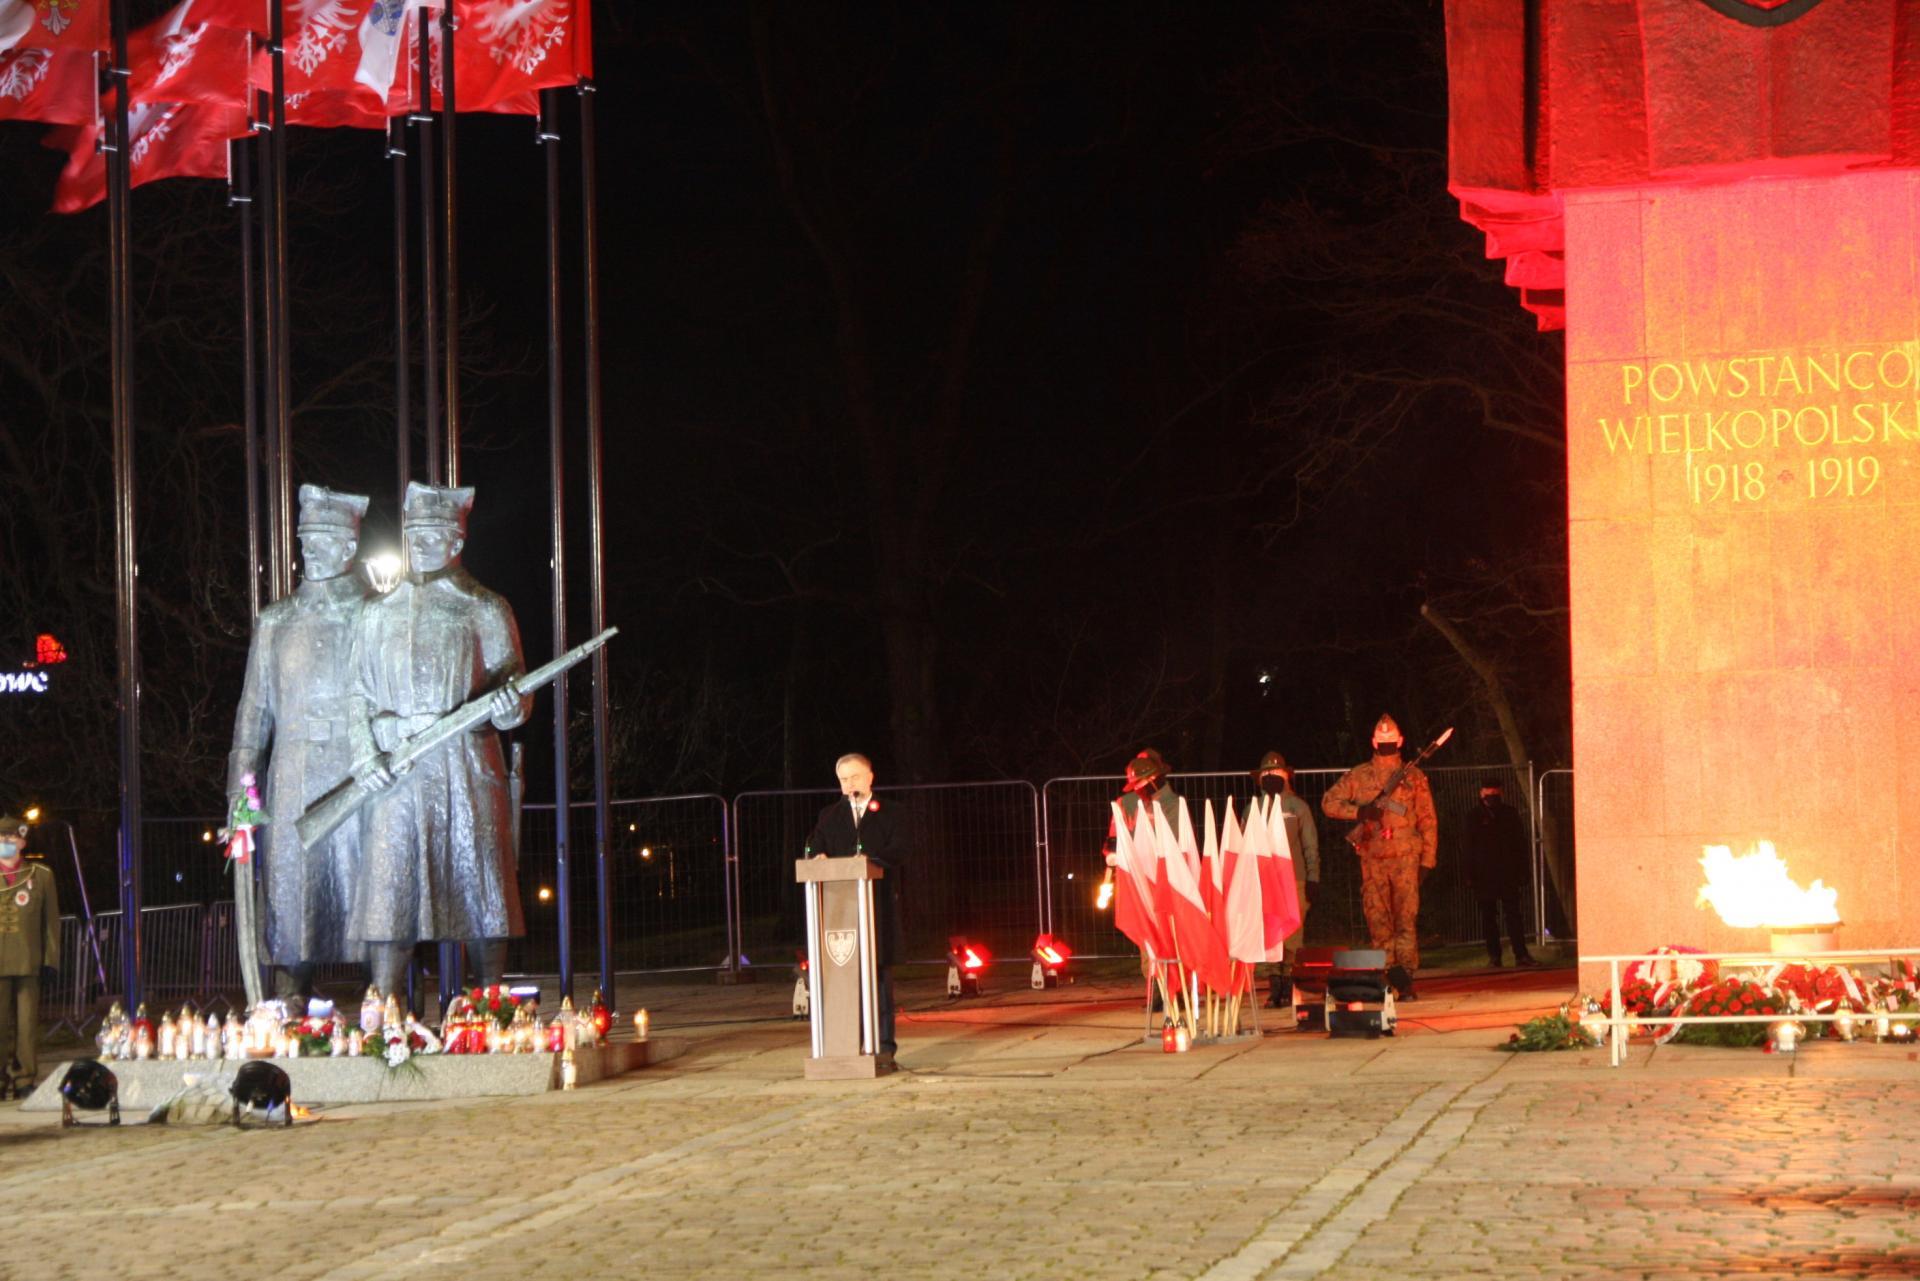 Marszałek Marek Woźniak oddał hołd powstańcom w  102. rocznicę wybuchu zwycięskiego Powstania Wielkopolskiego  - kliknij aby powiększyć